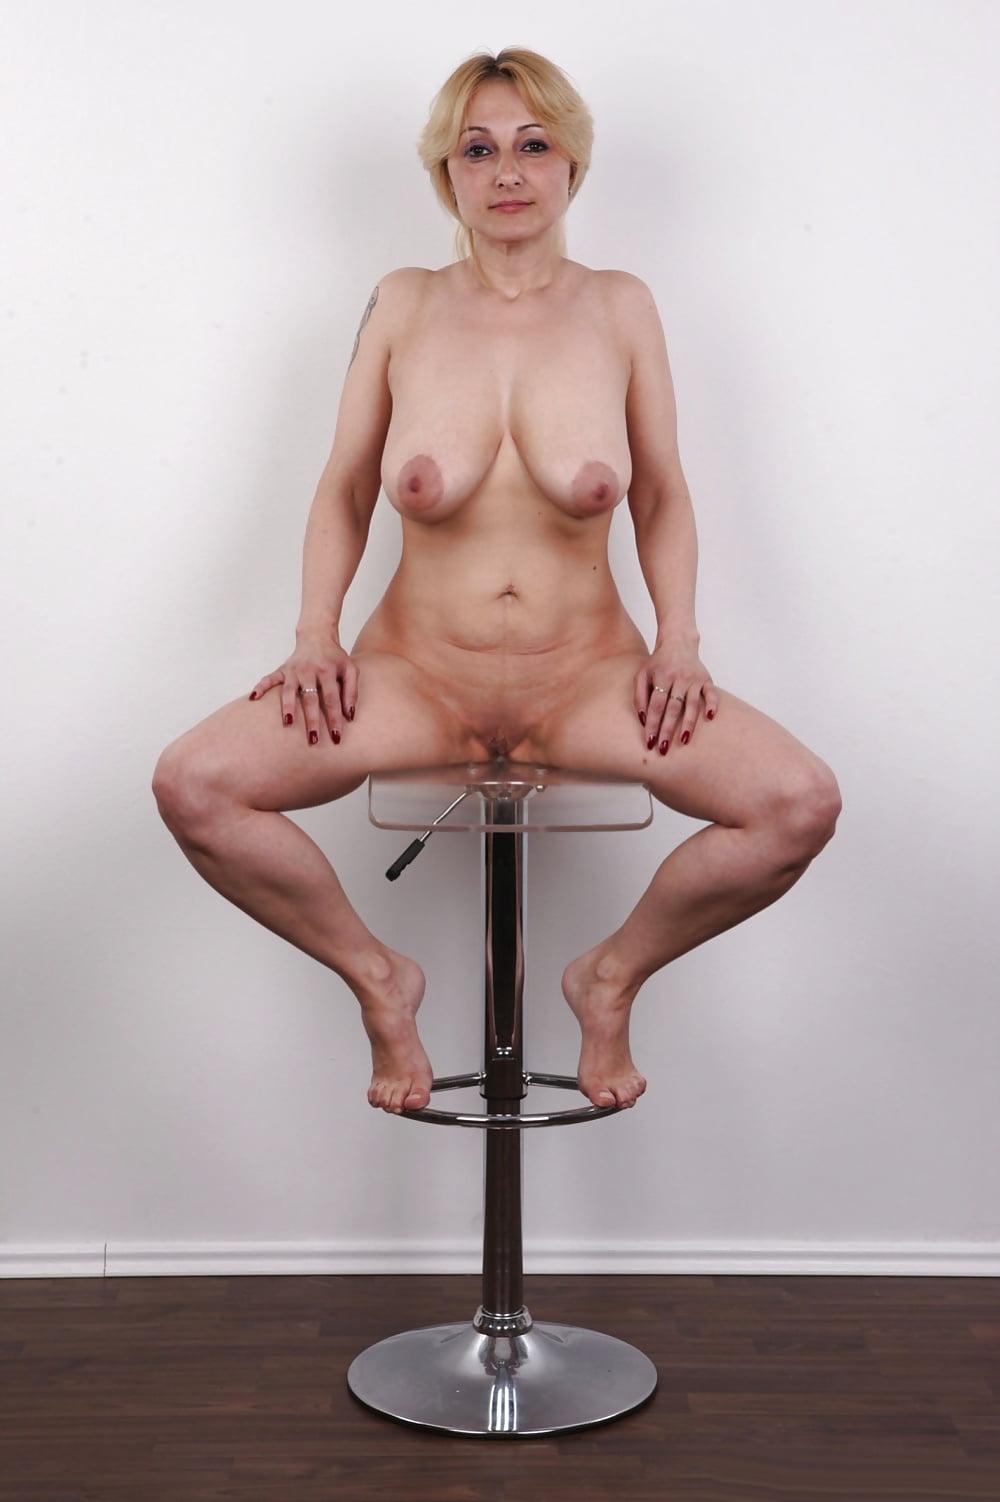 Старая на порно кастинге, садо мазо развлечения женщин над мужиками